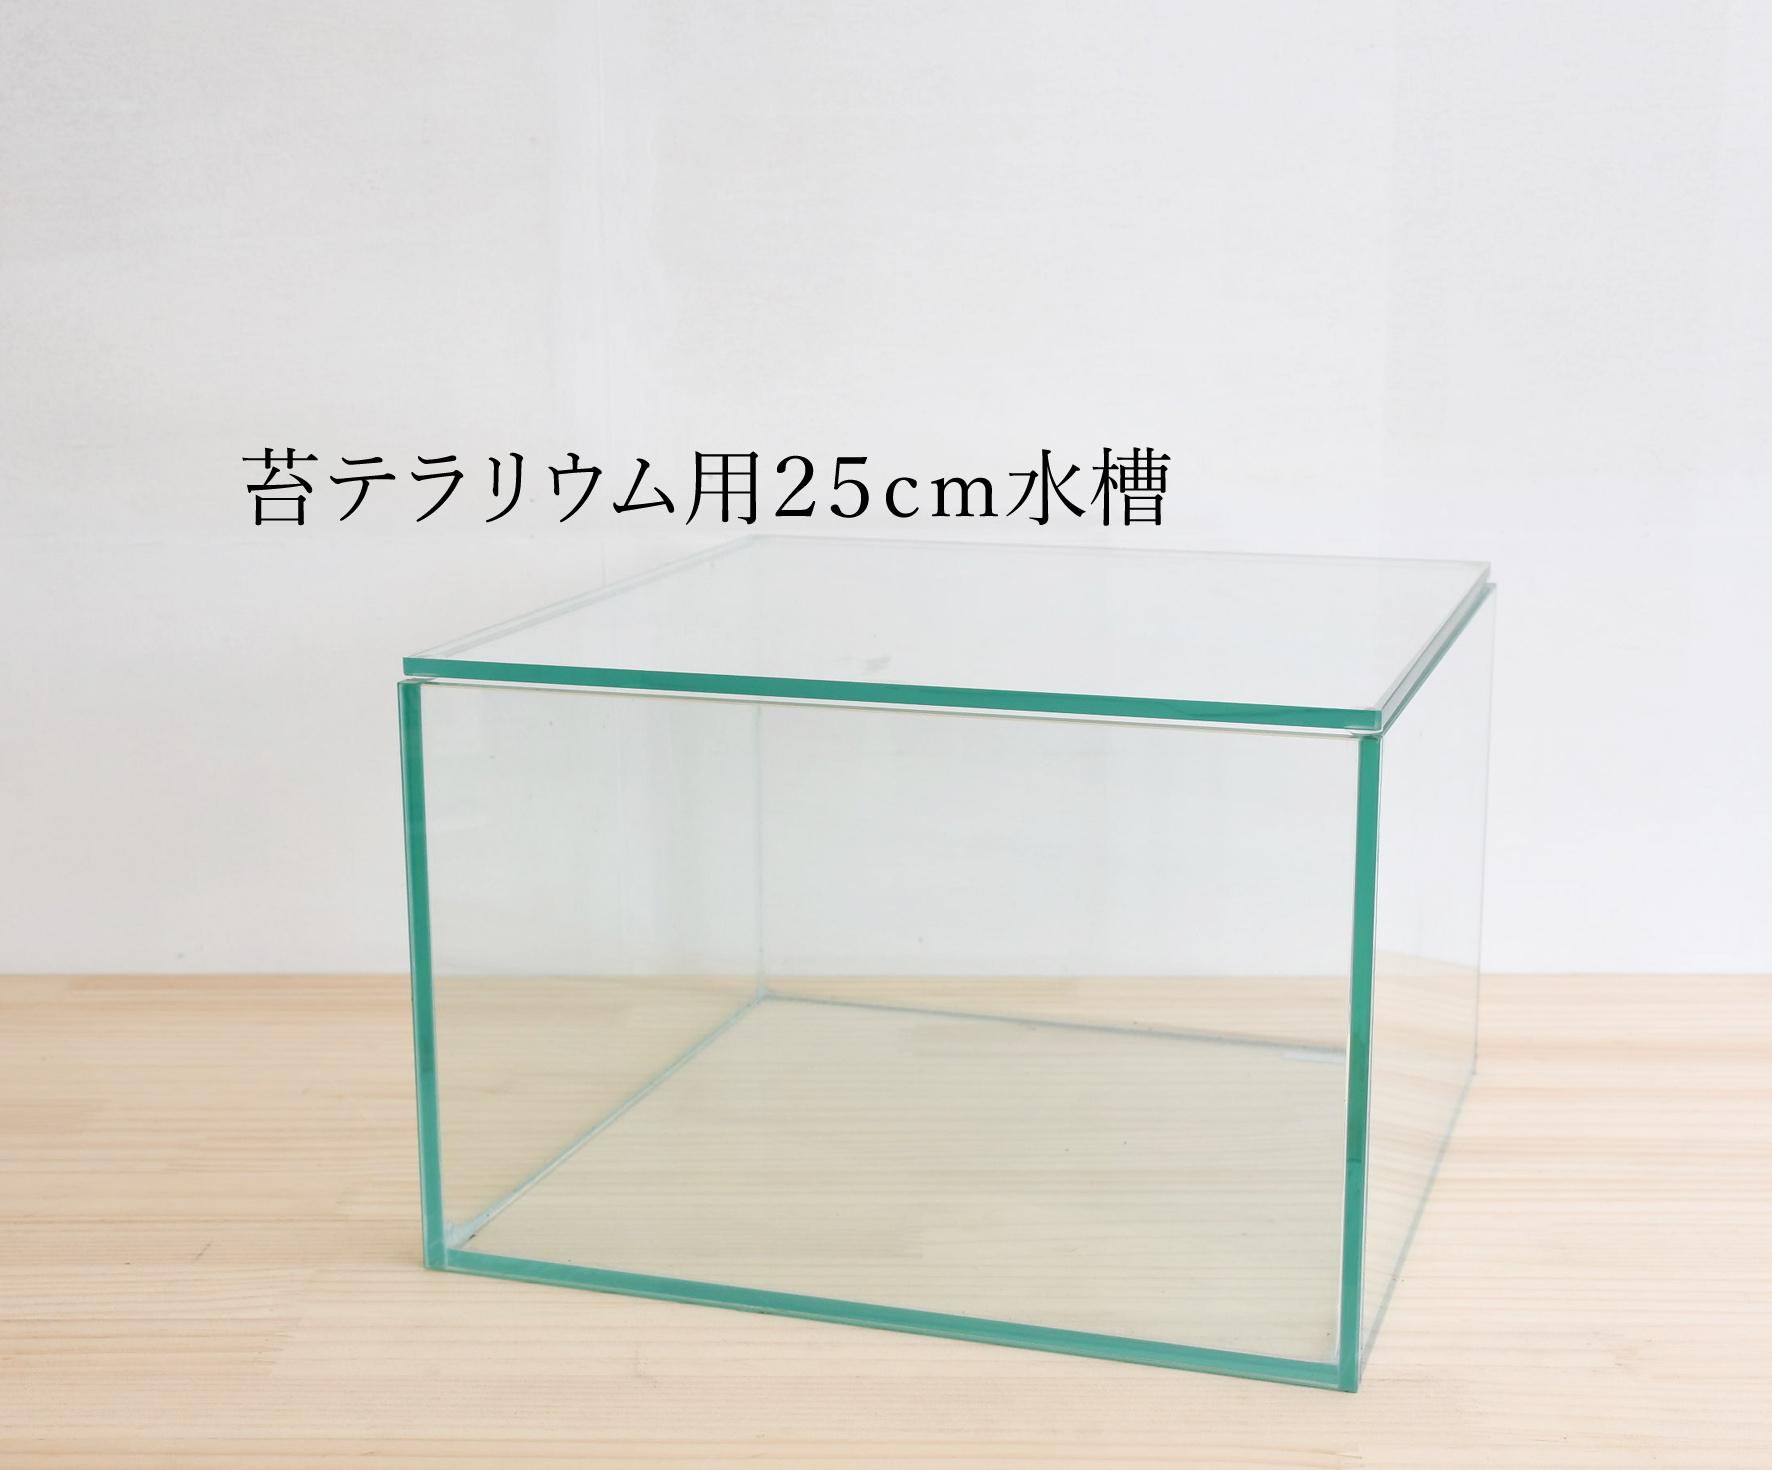 【ガラス容器】 苔テラリウム用 25x25cmガラス水槽 (250x250xh160mm)